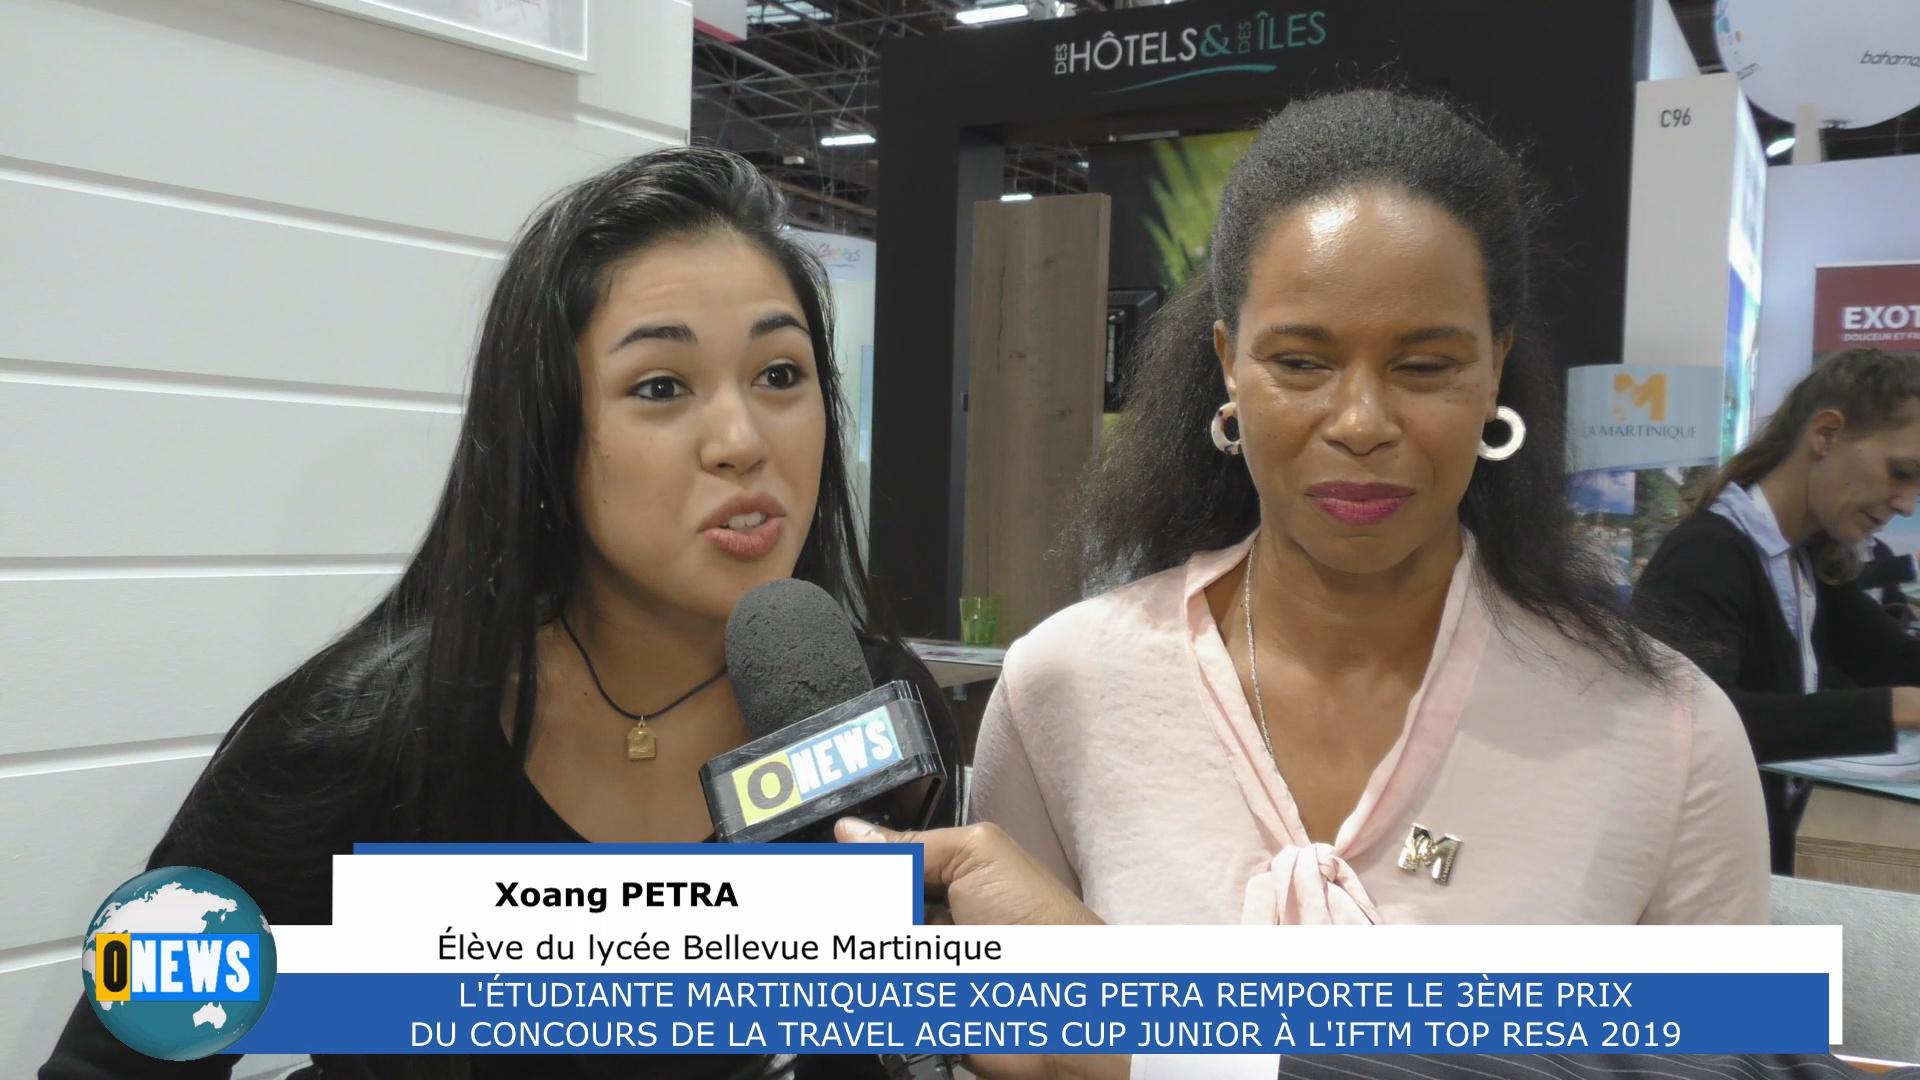 [Vidéo] HEXAGONE. 3ème PRIX POUR L'ÉTUDIANTE MARTINIQUAISE XOANG PETRA A LA TRAVEL AGENTS CUP JUNIOR